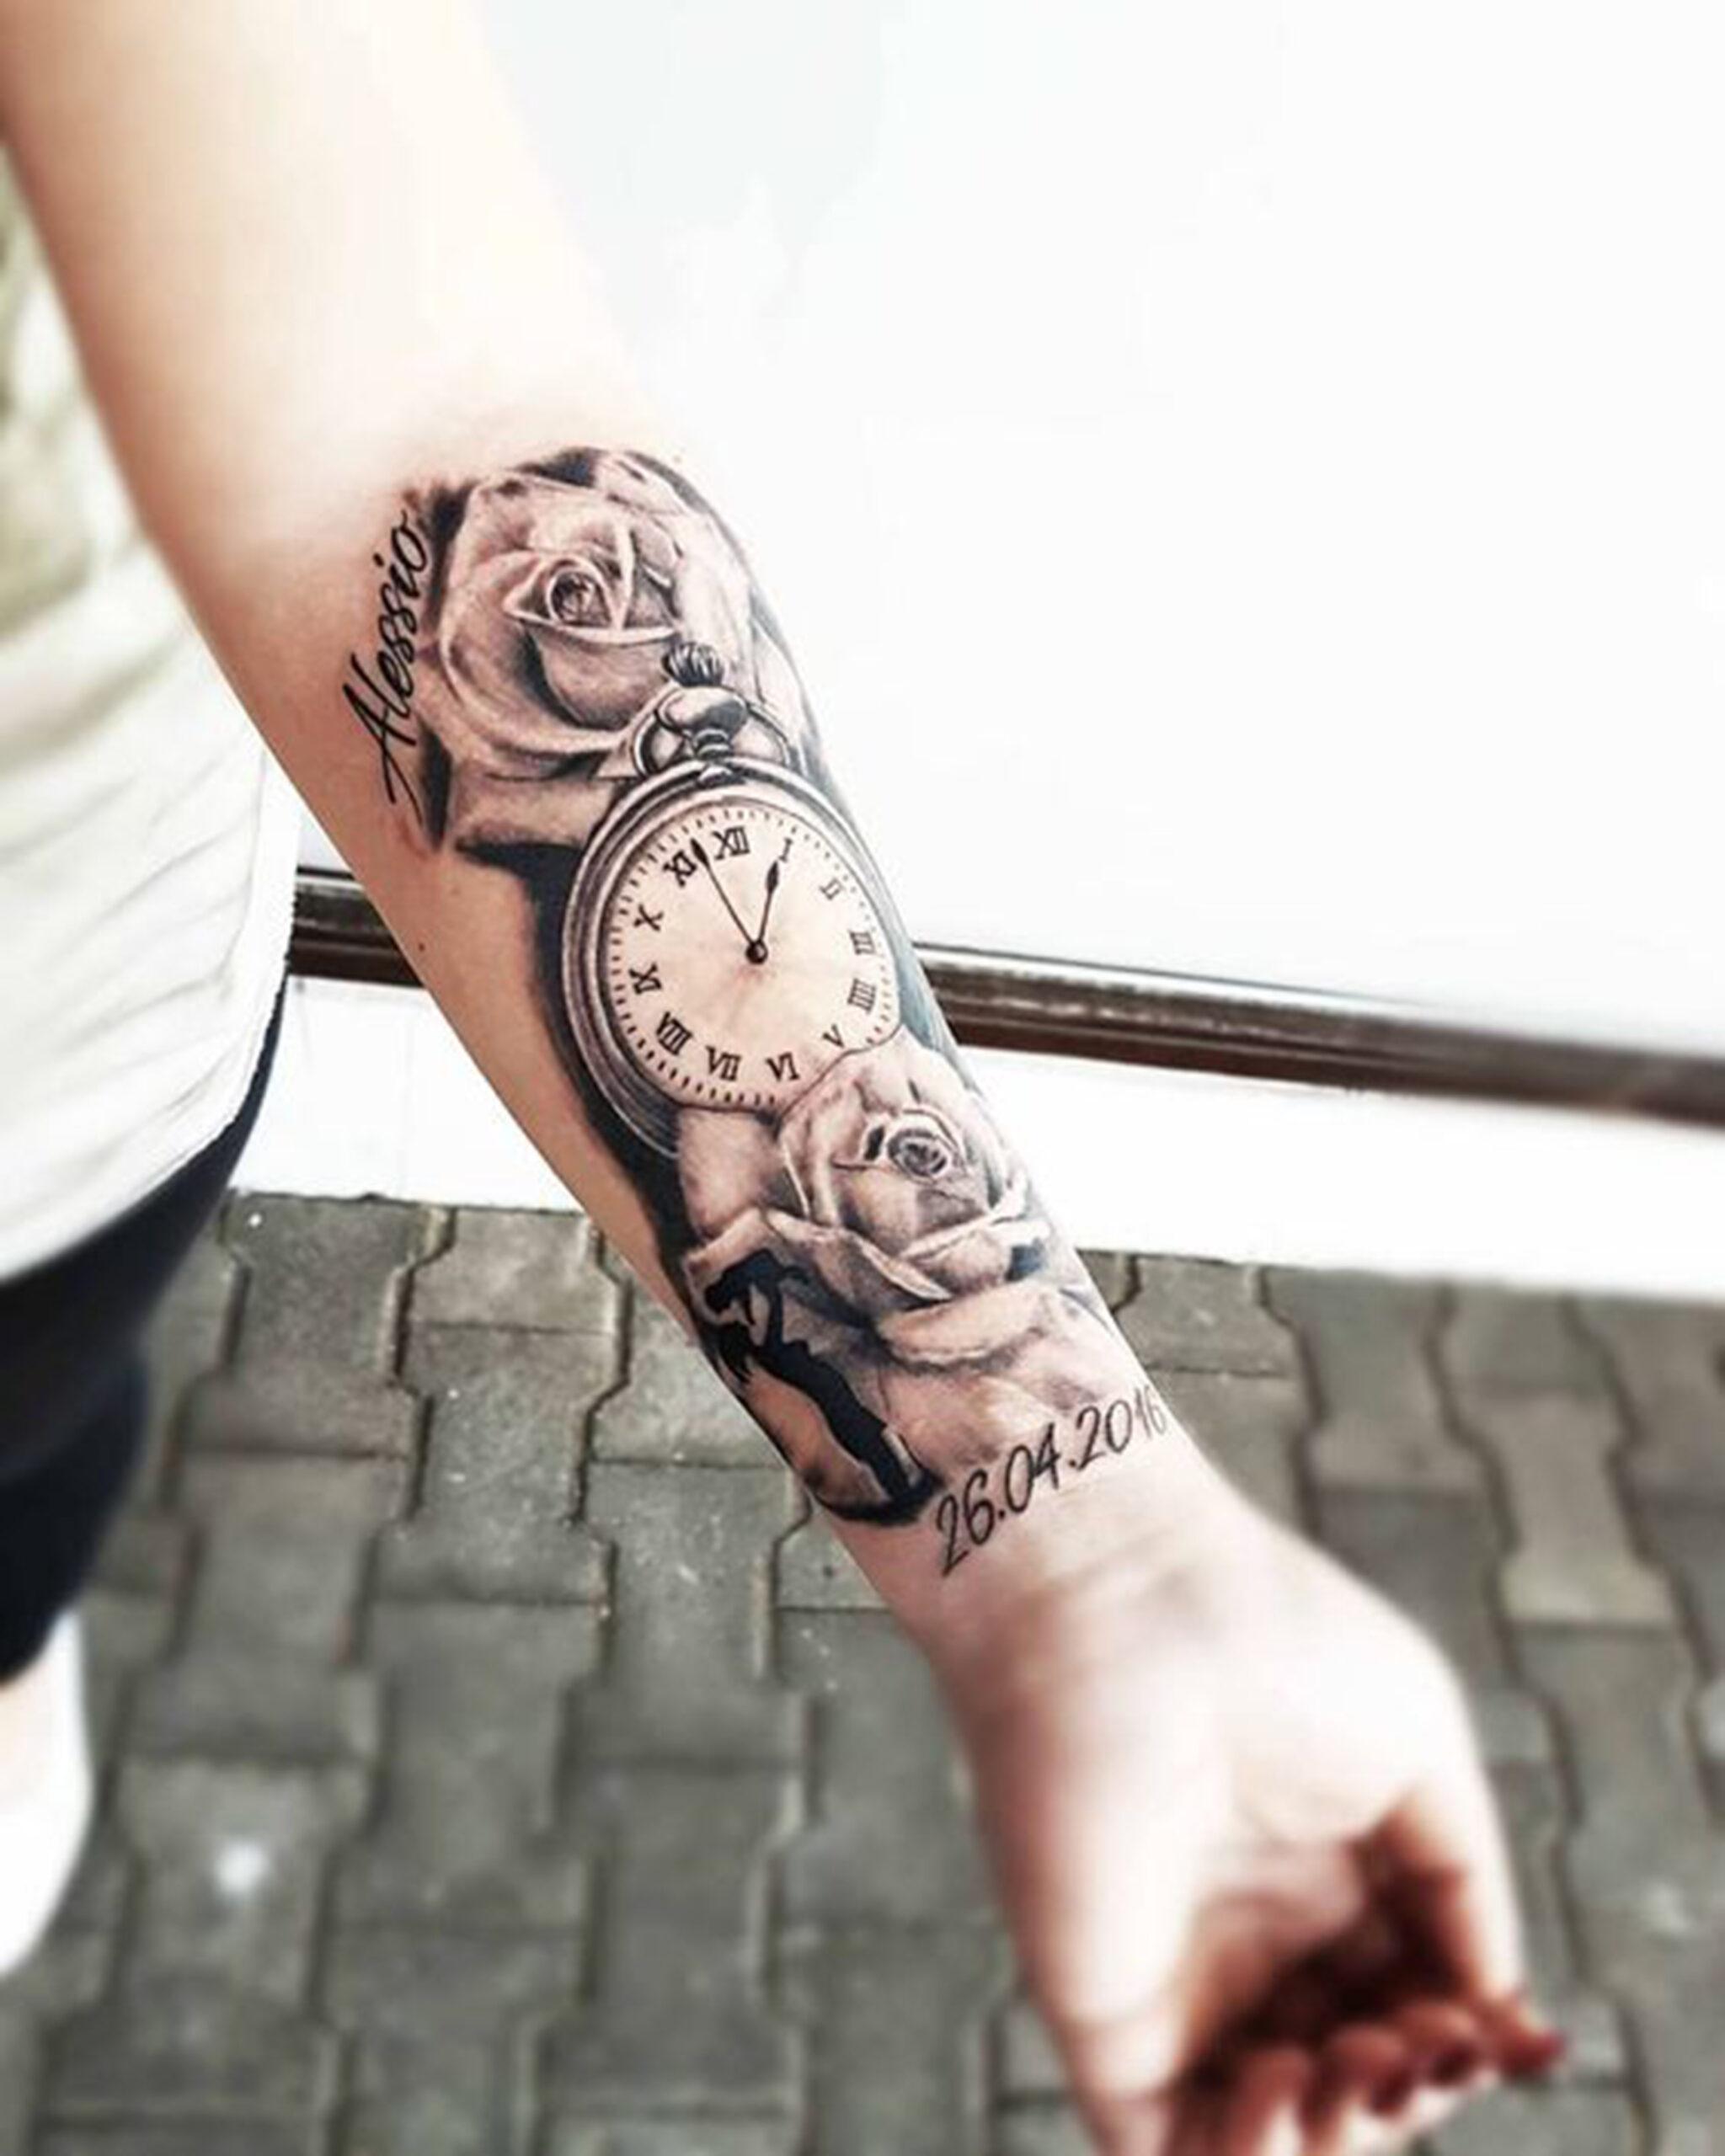 hình xăm hoa hồng đồng hồ la mã